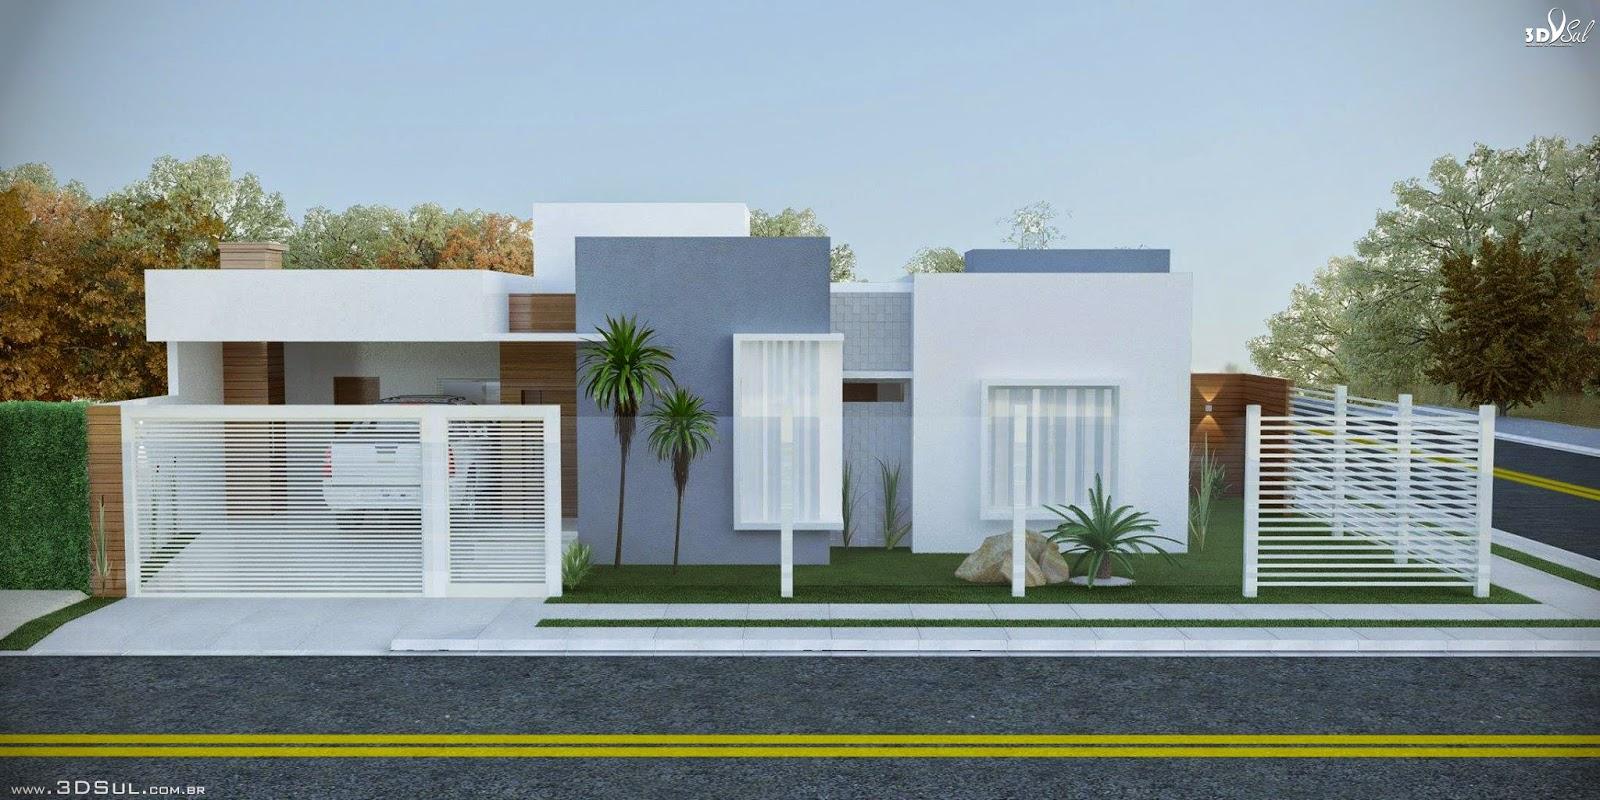 Terrea maquete eletronica casas for Fachada de casas